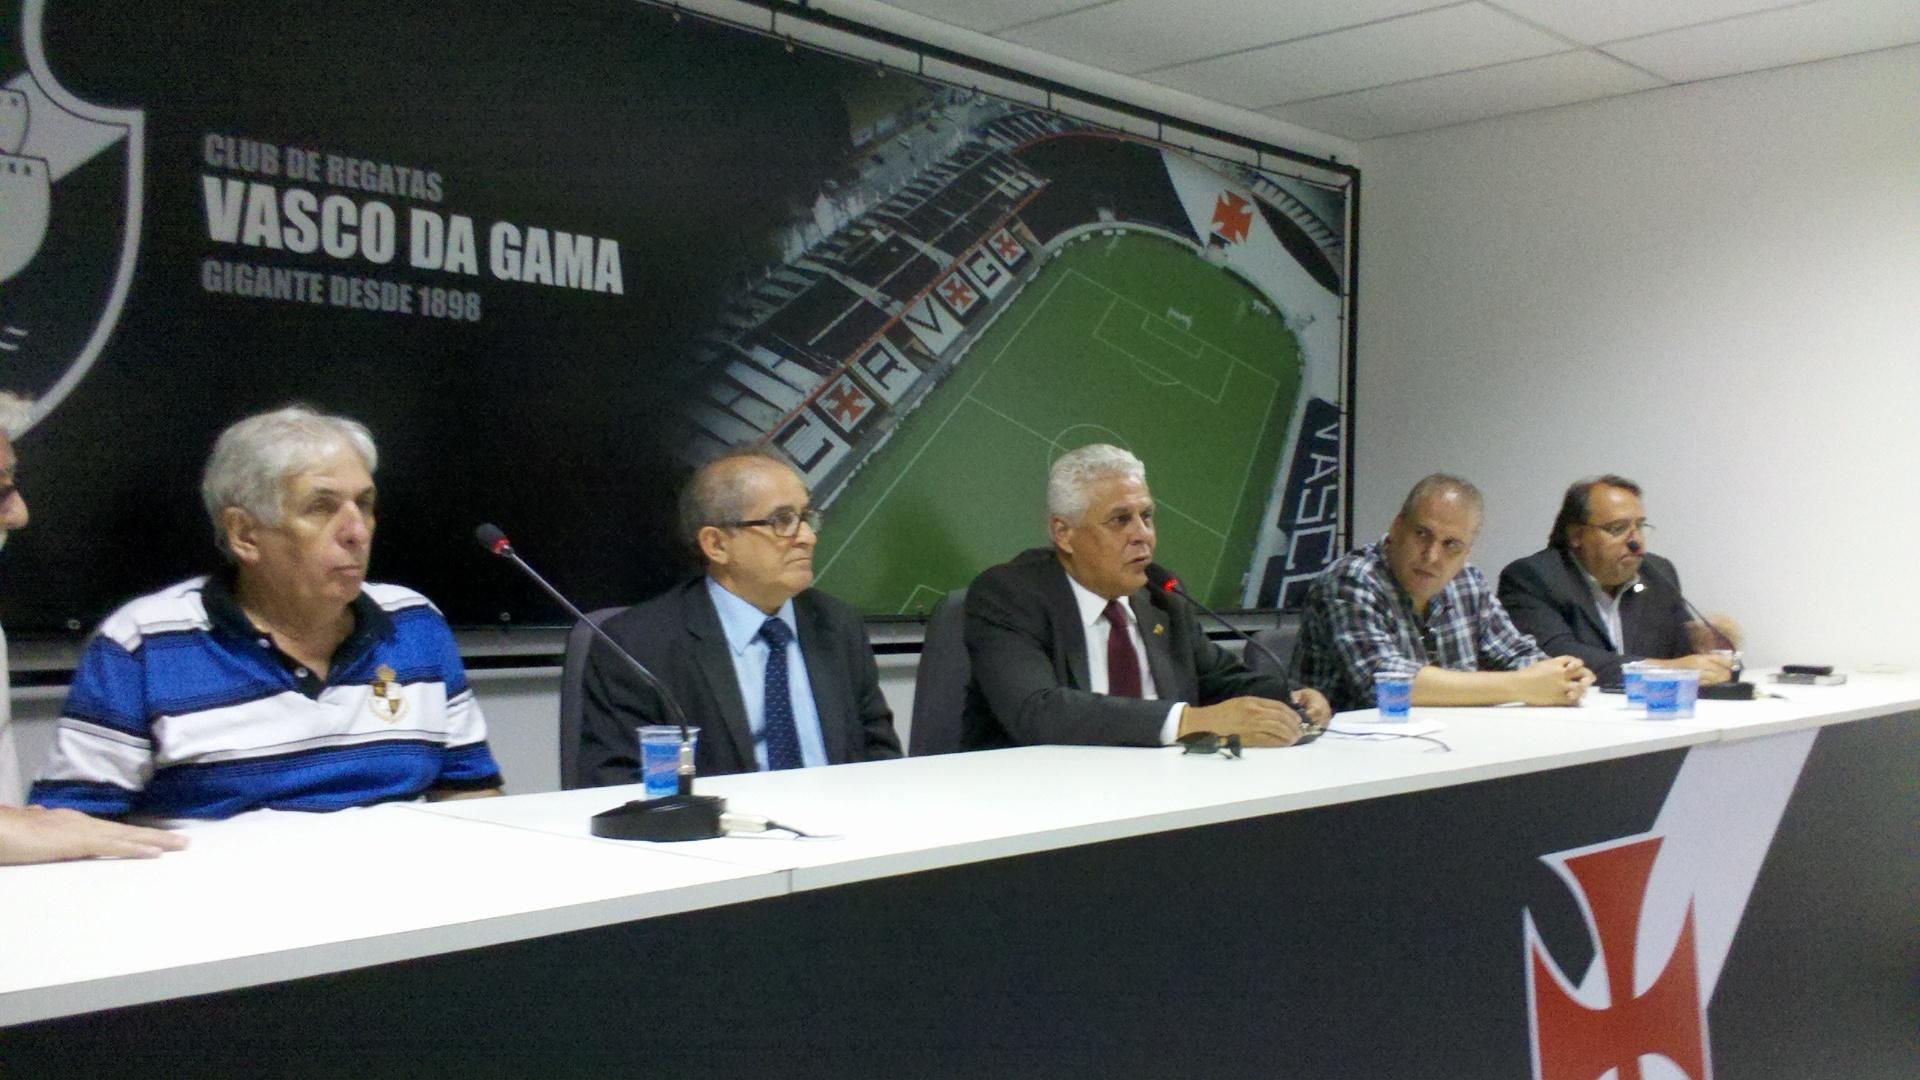 Presidente do Vasco, Roberto Dinamite concede entrevista coletiva em São Januário (30/10/2012)